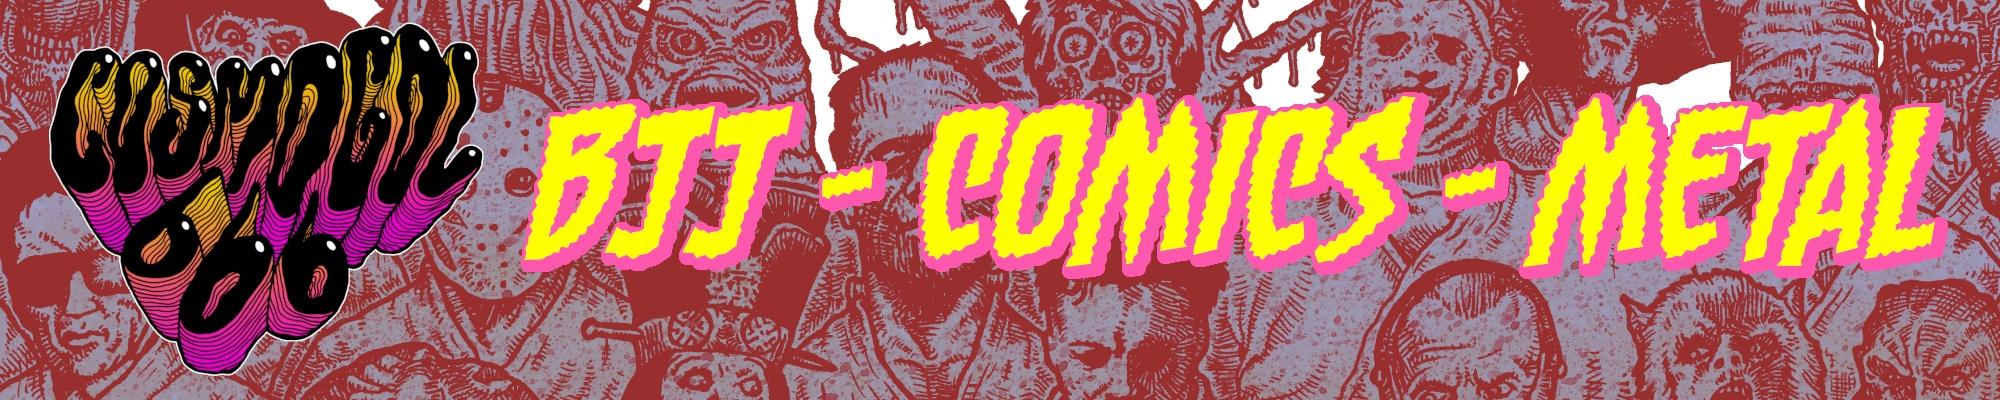 cosmogol666 Cover